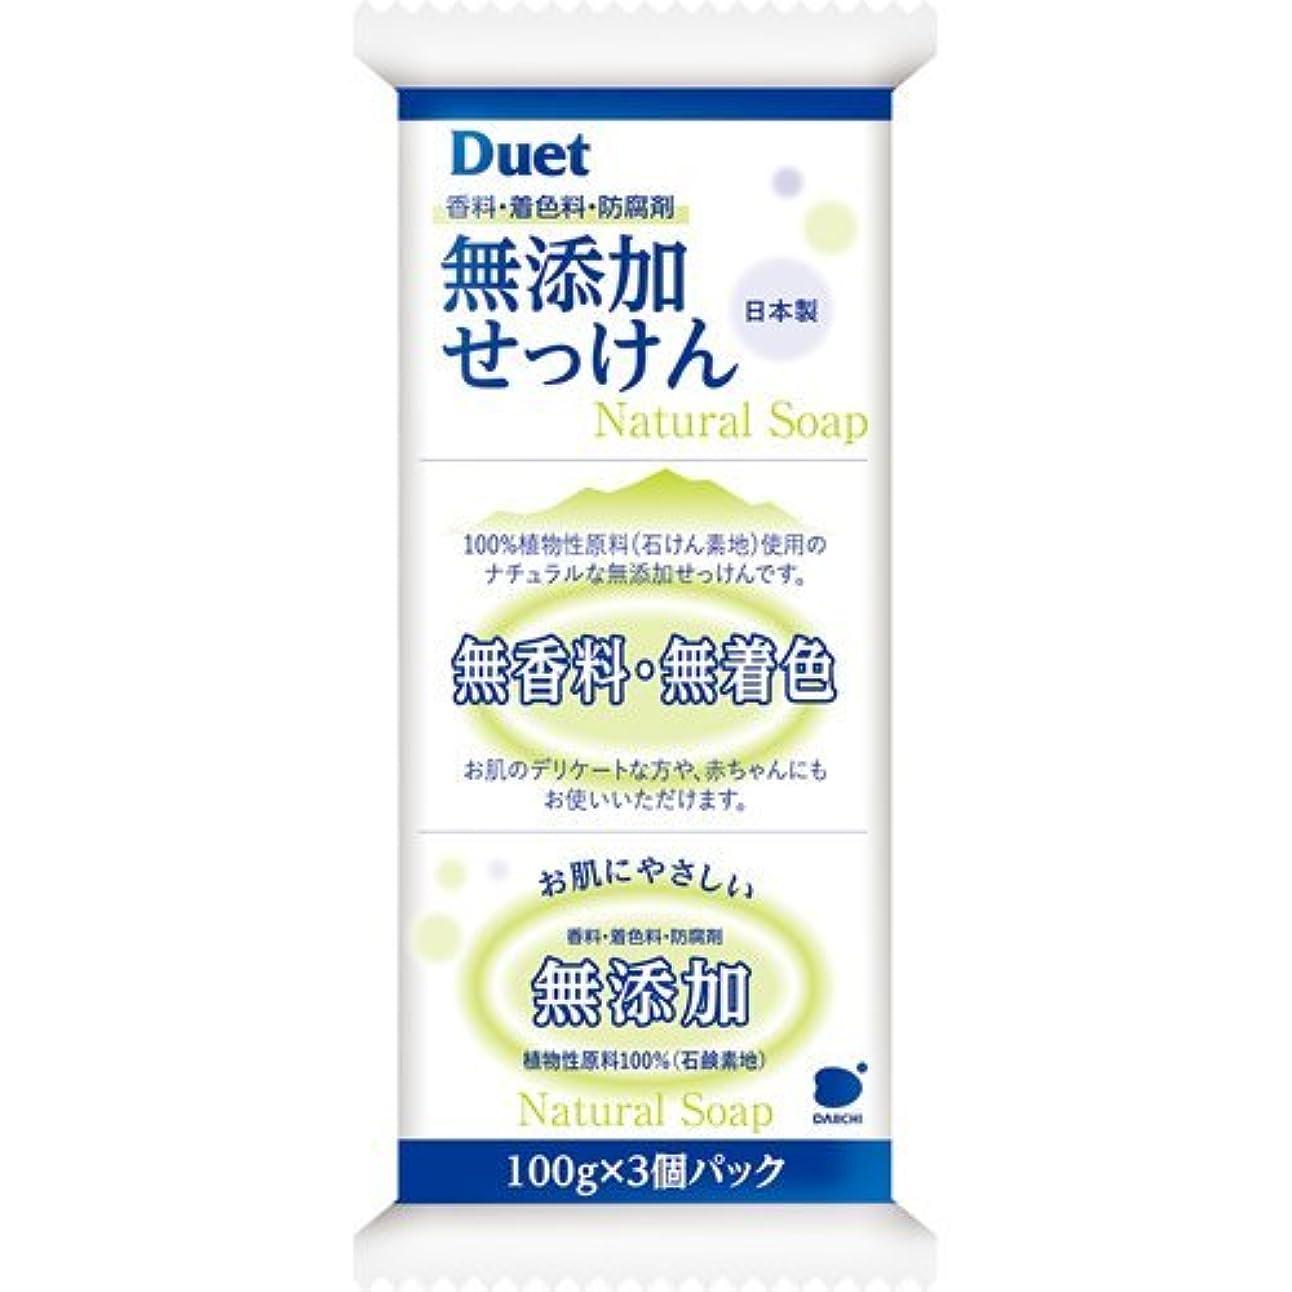 湿度なめる違法デュエット無添加石鹸 バスサイズ 100g×3個 【まとめ買い360個セット】